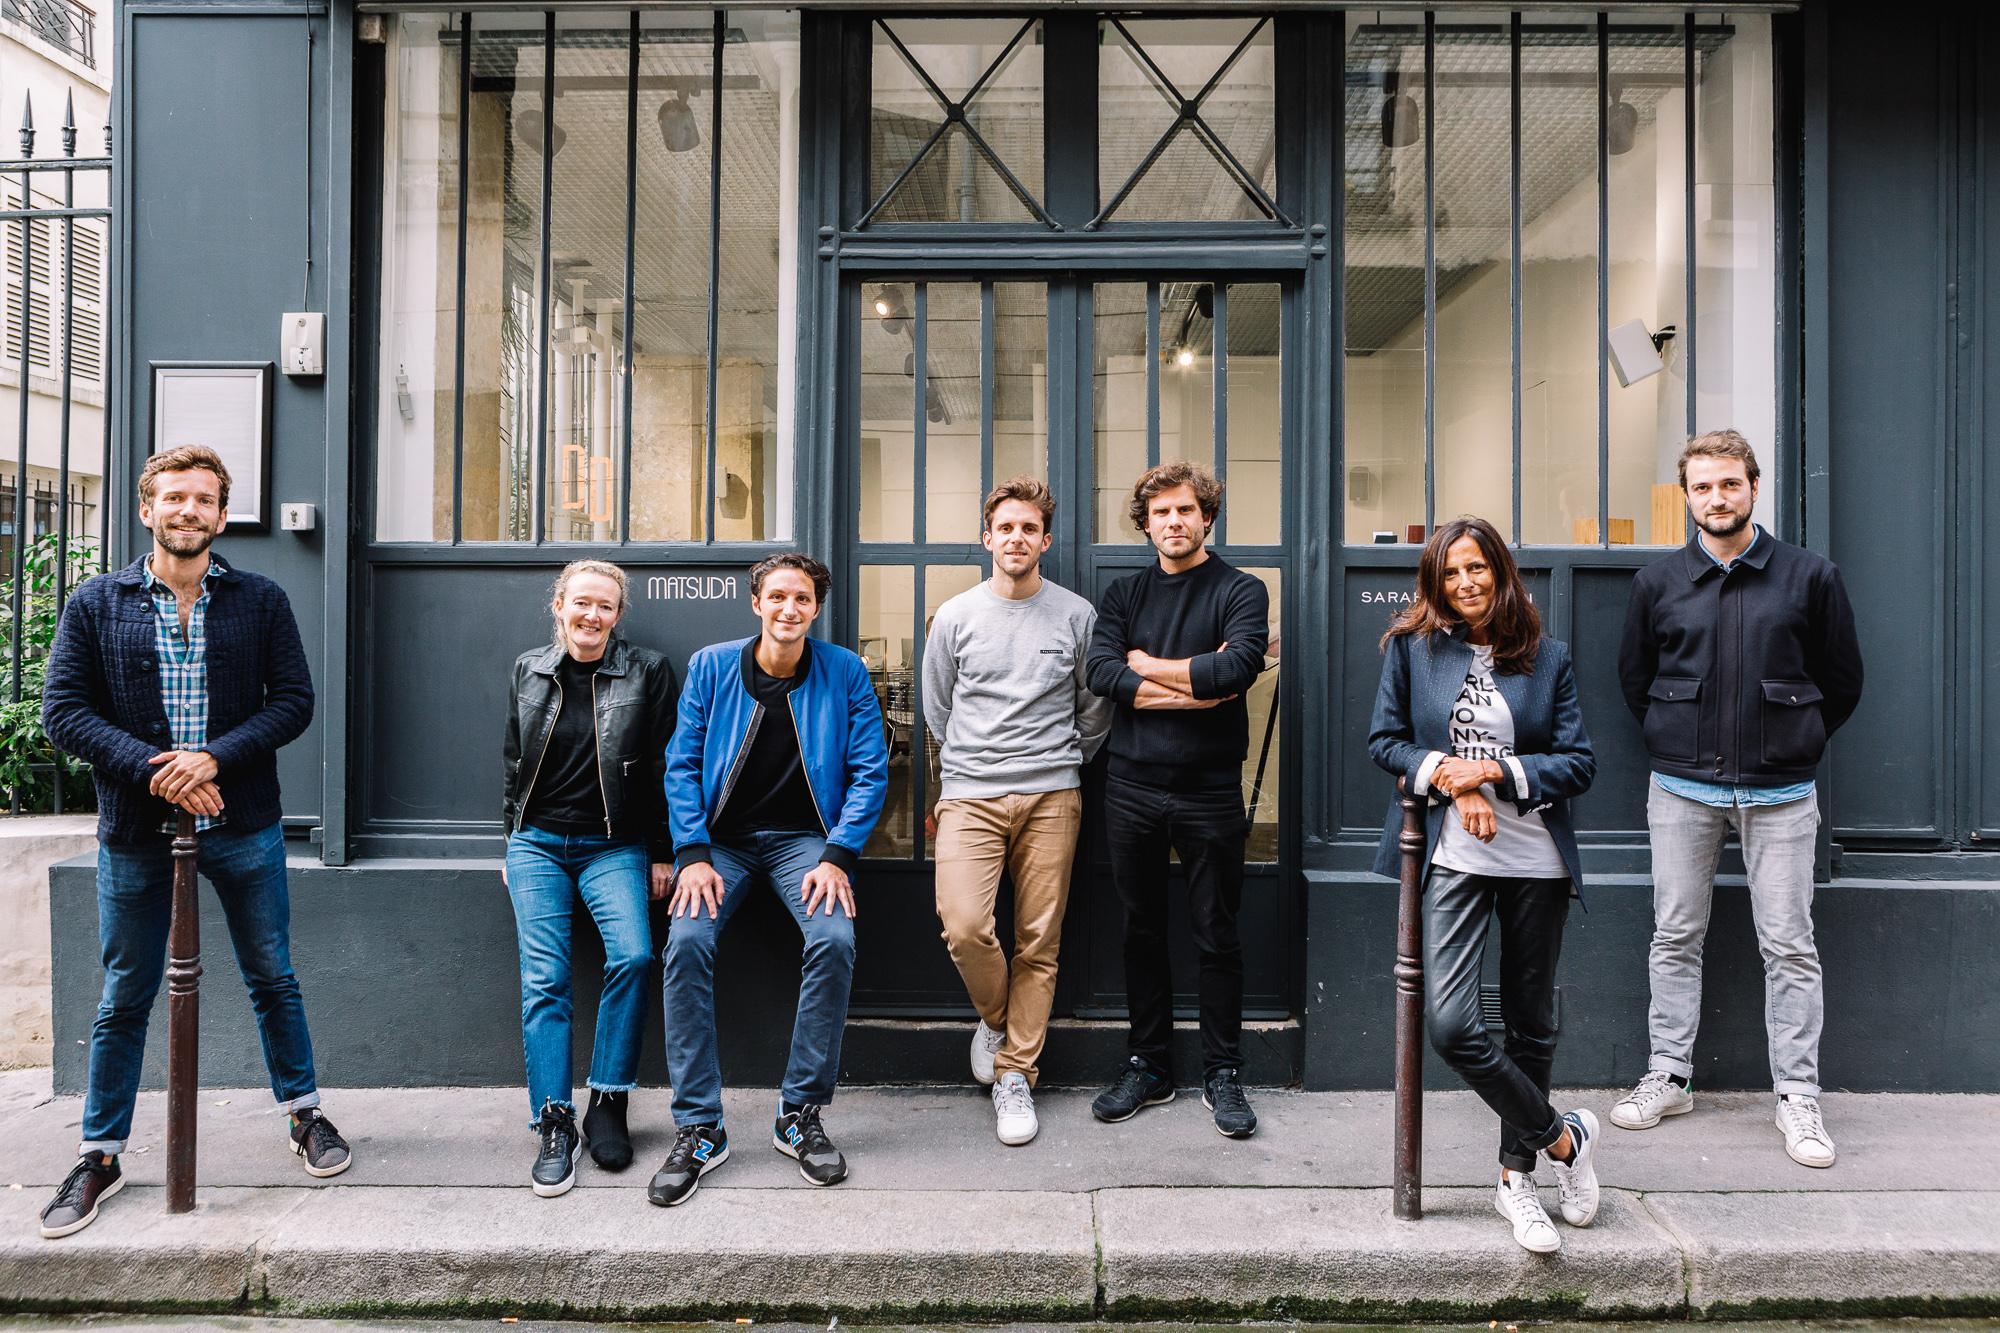 Une dizaine d'hommes et femmes posant devant un atelier industriel parisien